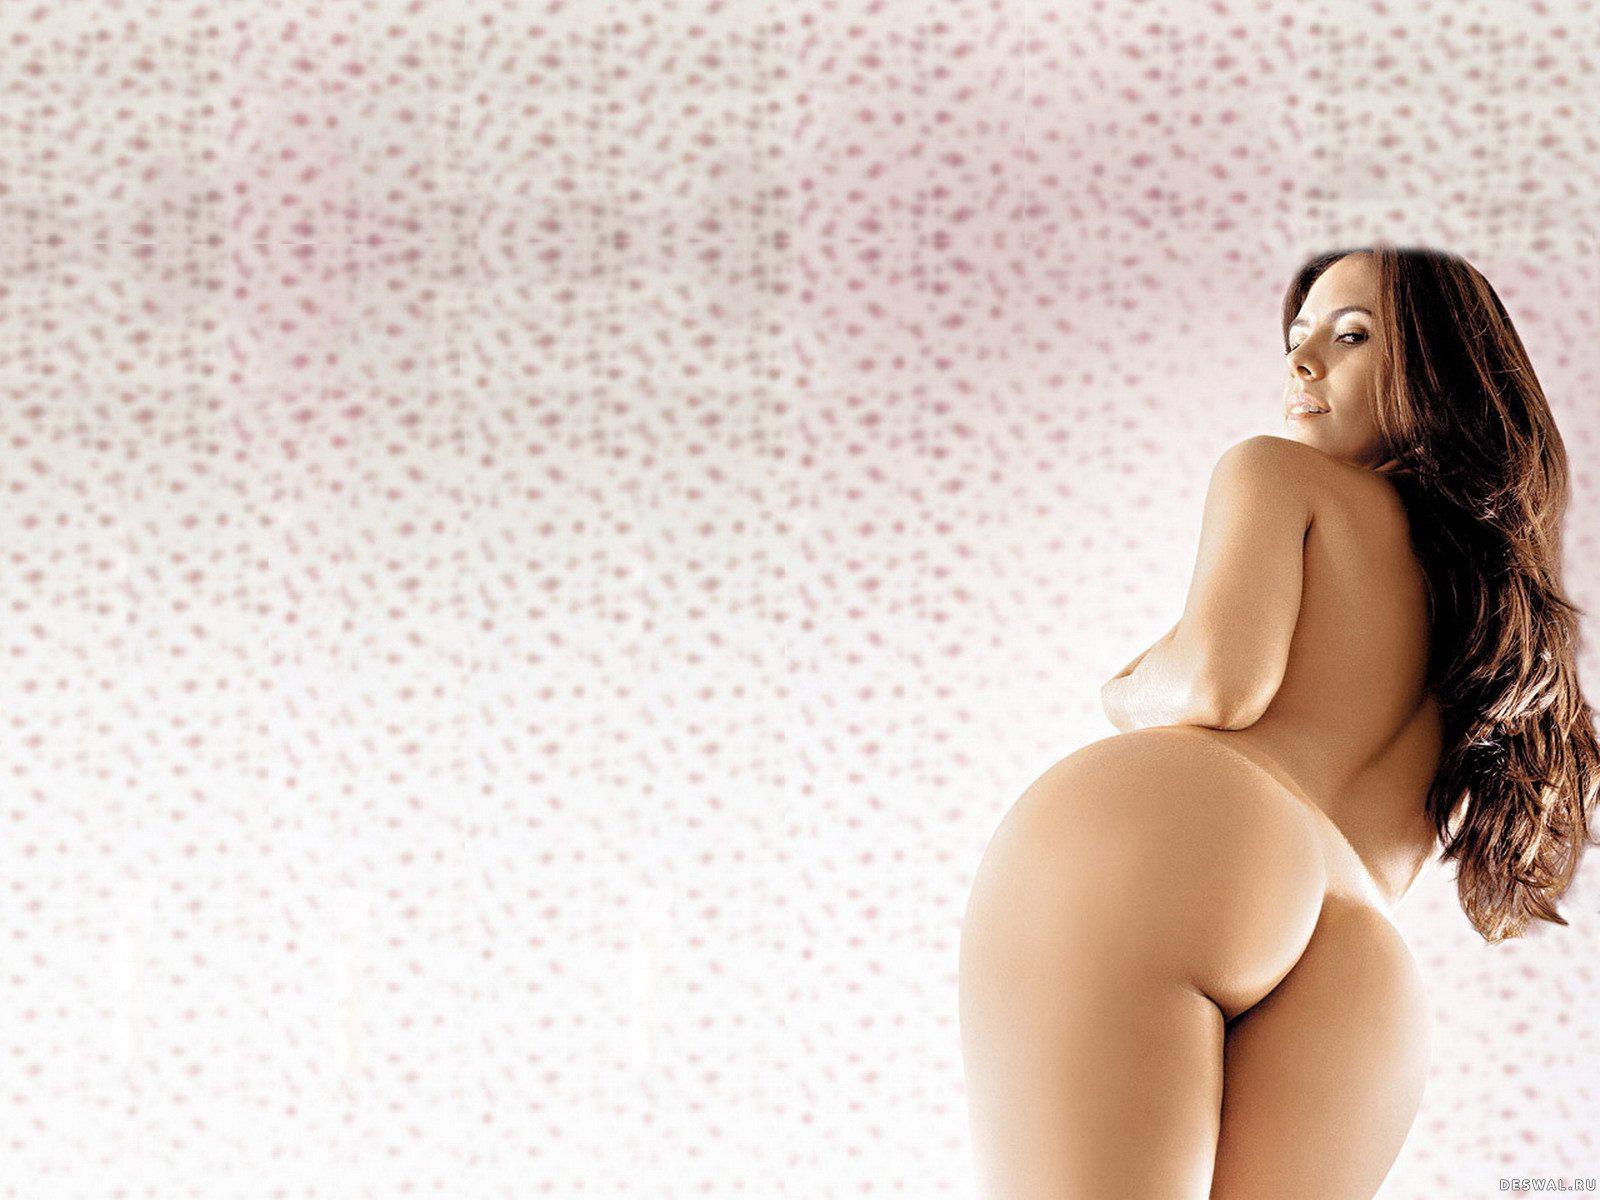 Фото сексуальных девушек для фона 6 фотография